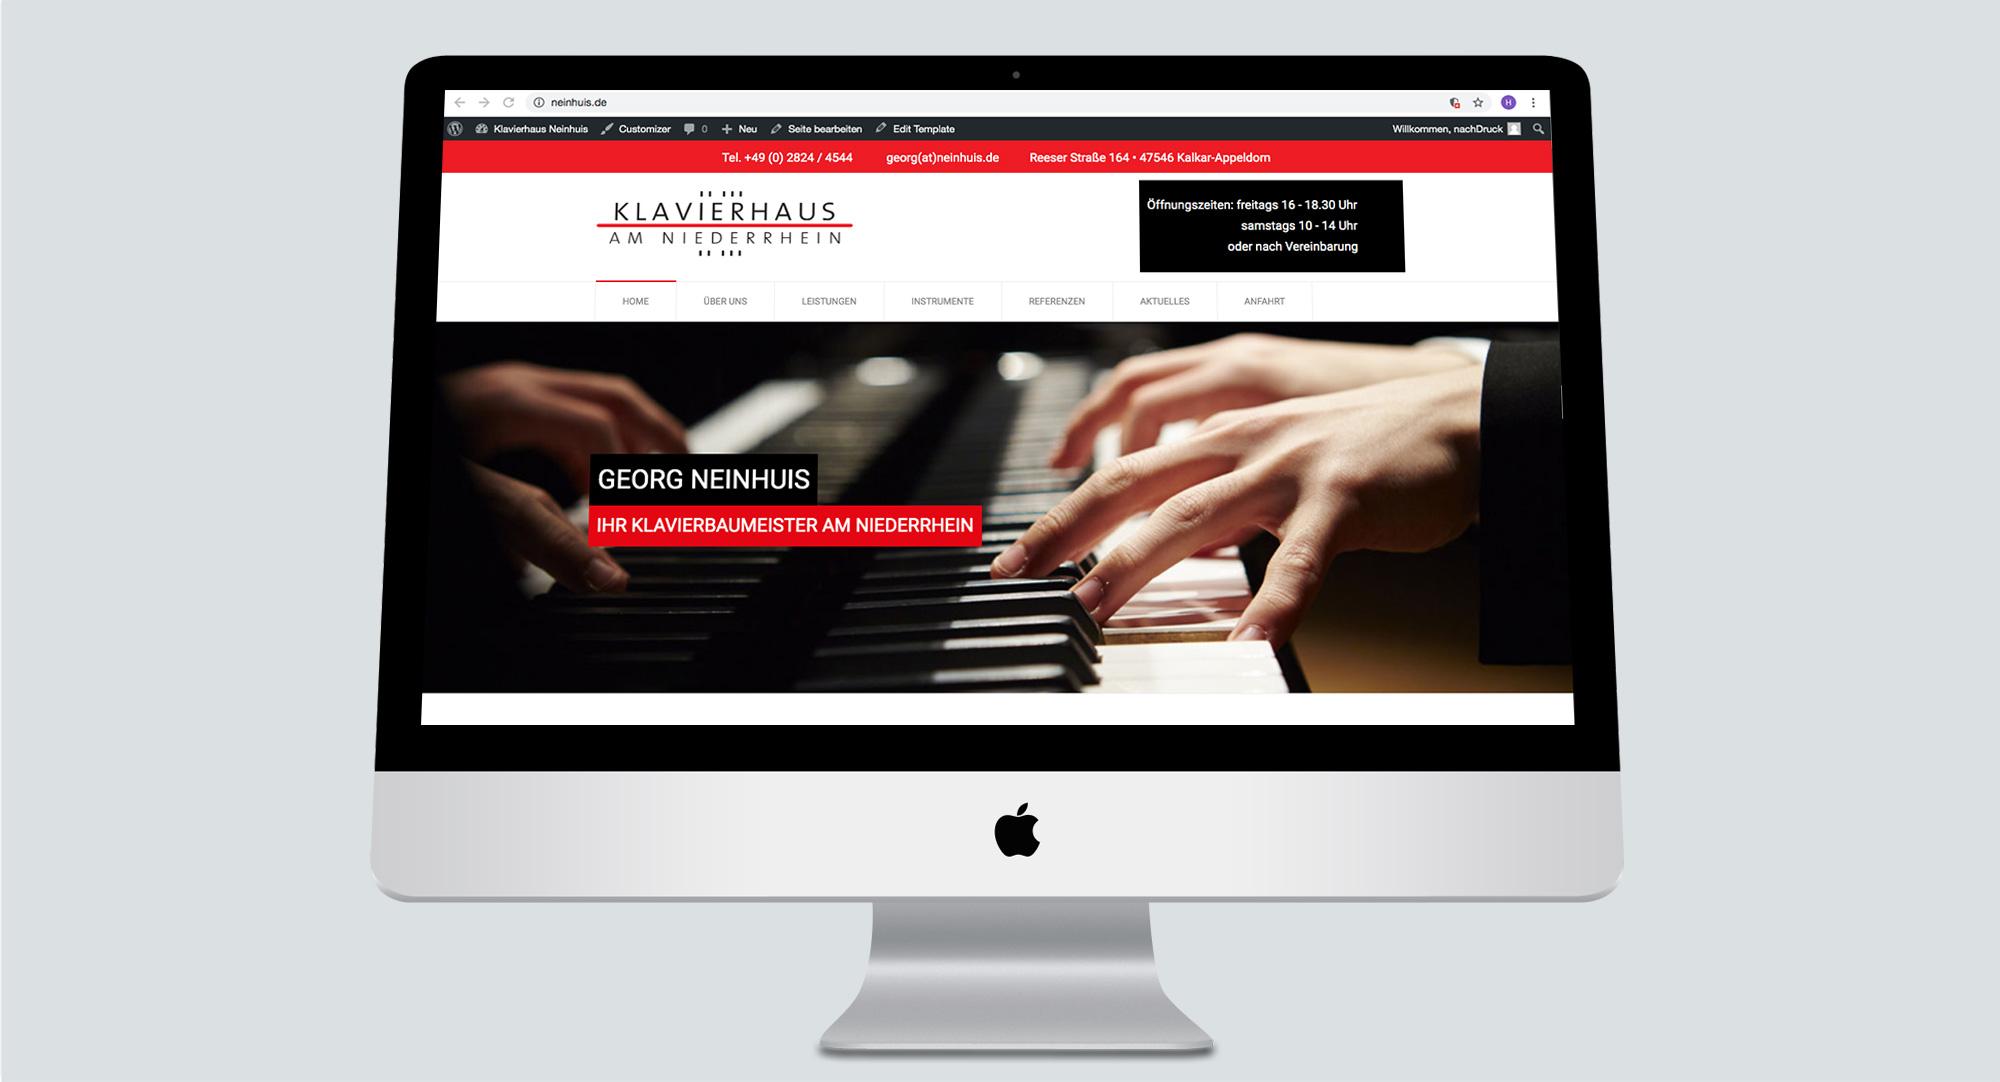 Klavierhaus am Niederrhein – Georg Neinhuis Klavierbaumeister